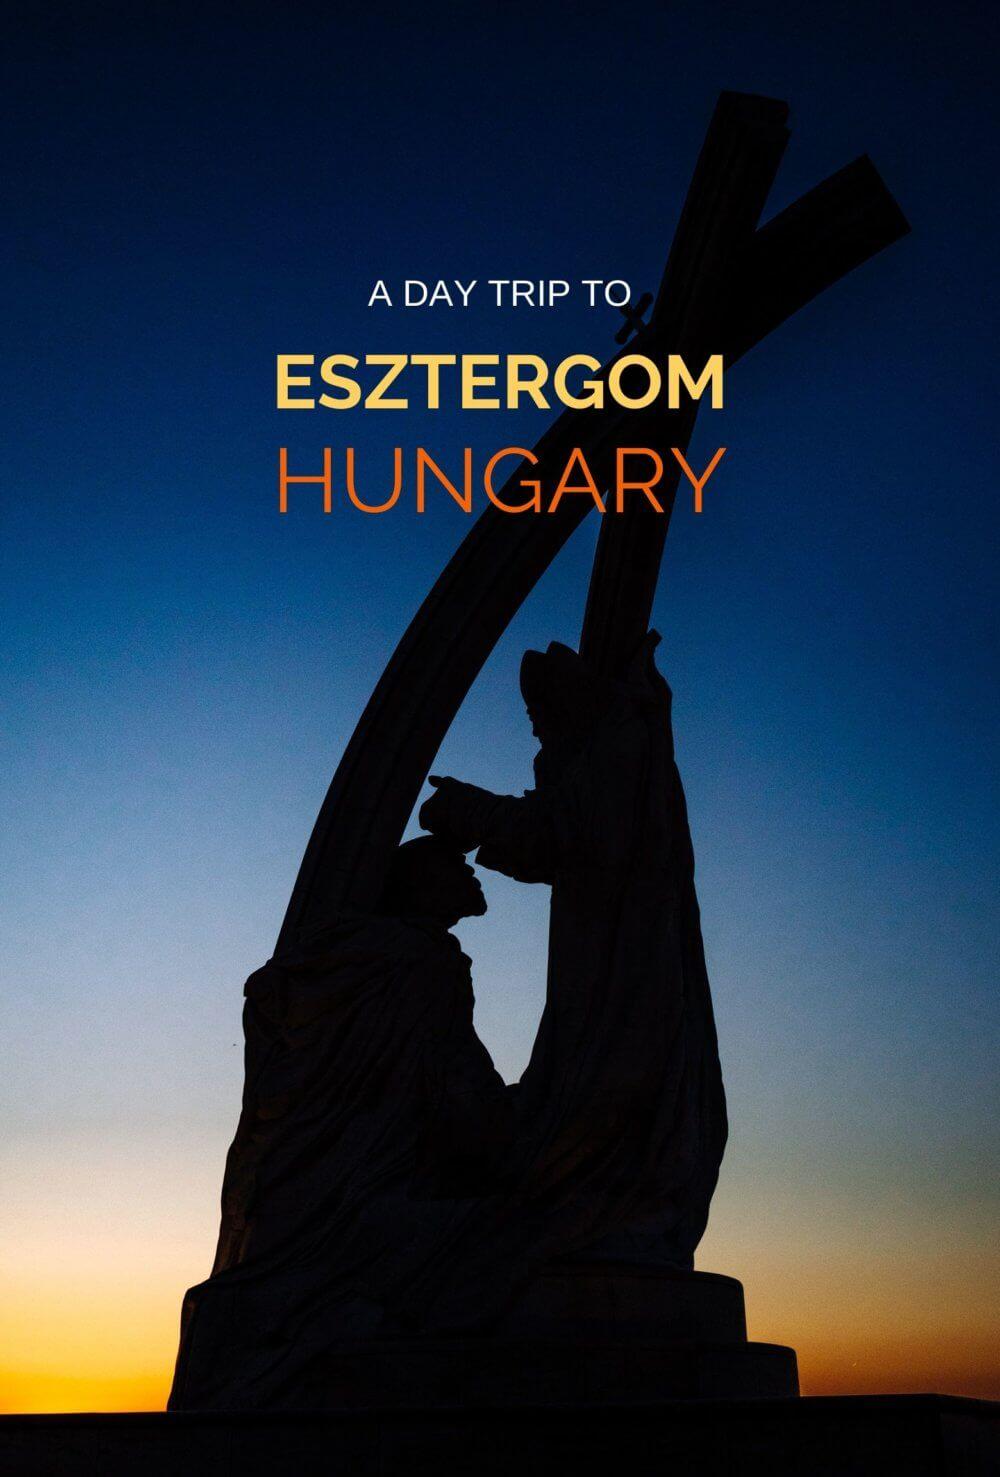 Esztergom Hungary Day Trip